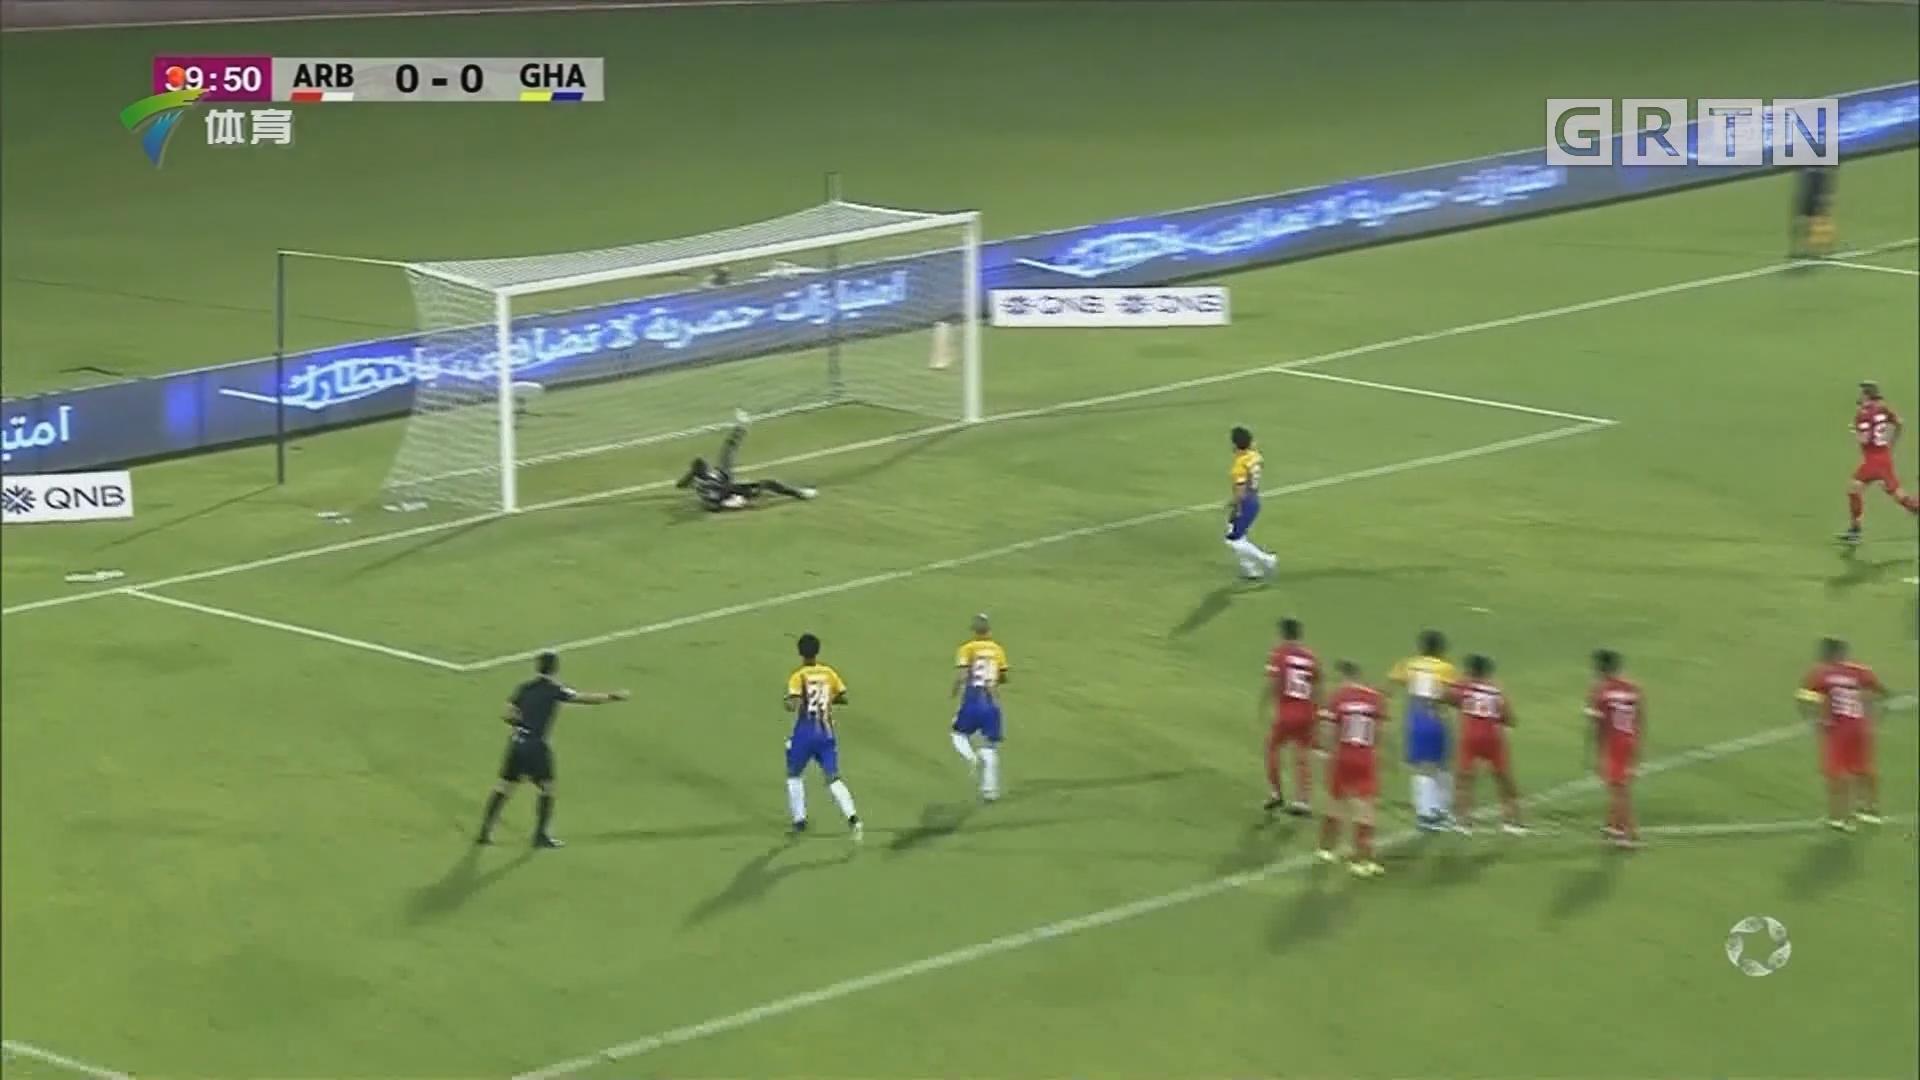 卡塔尔联赛 加拉法战胜阿拉比